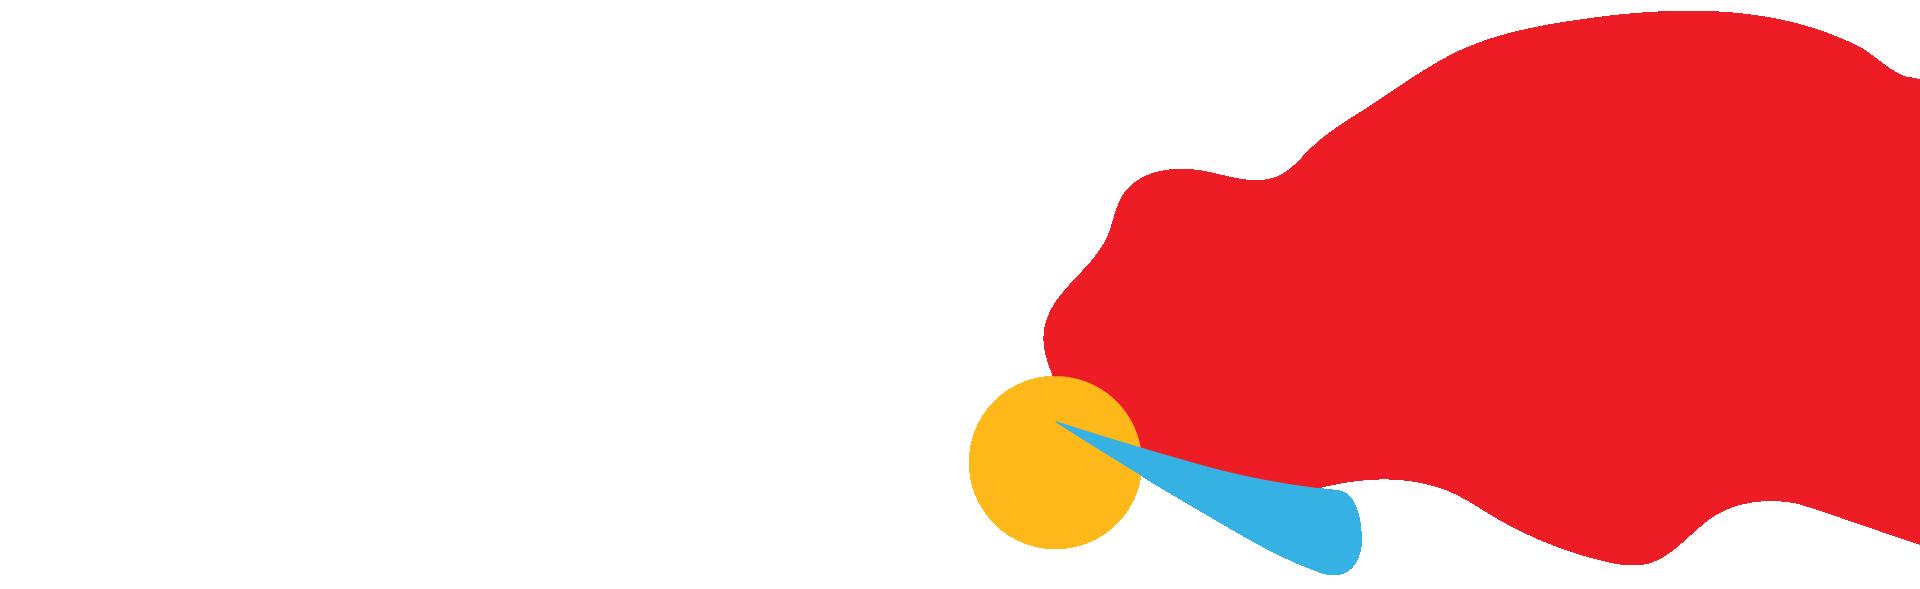 FLI-background-rouge